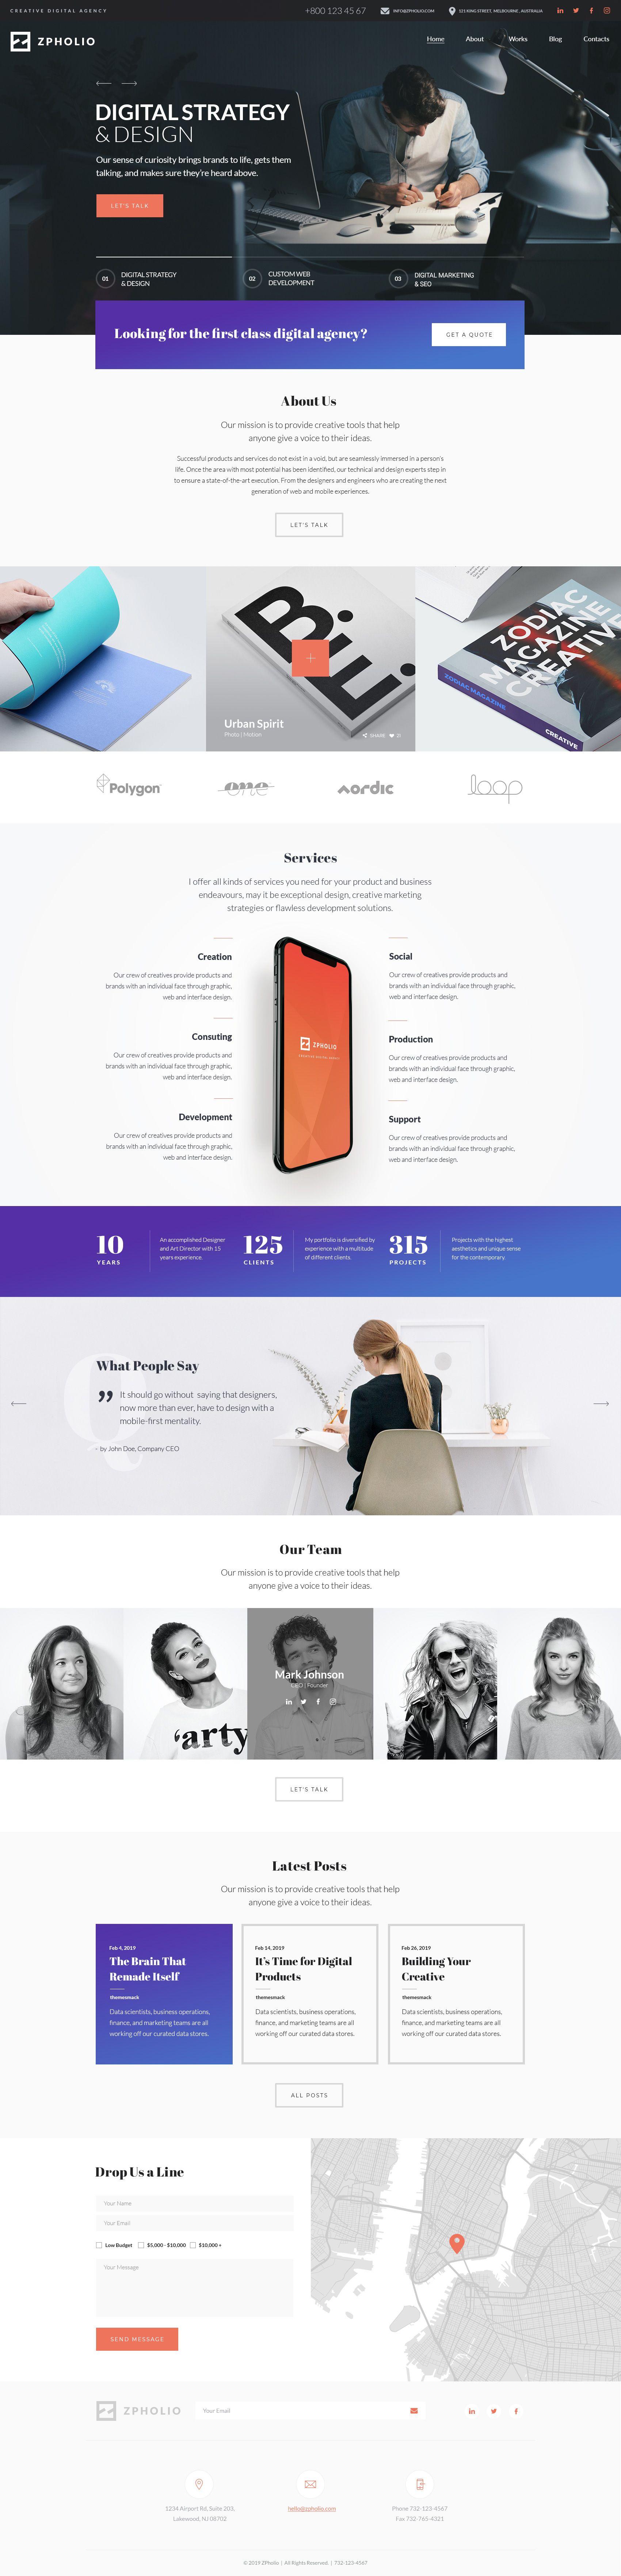 Zpholio Portfolio Wordpress Theme Dizajn Veb Sajtov Veb Dizajn Dizajn